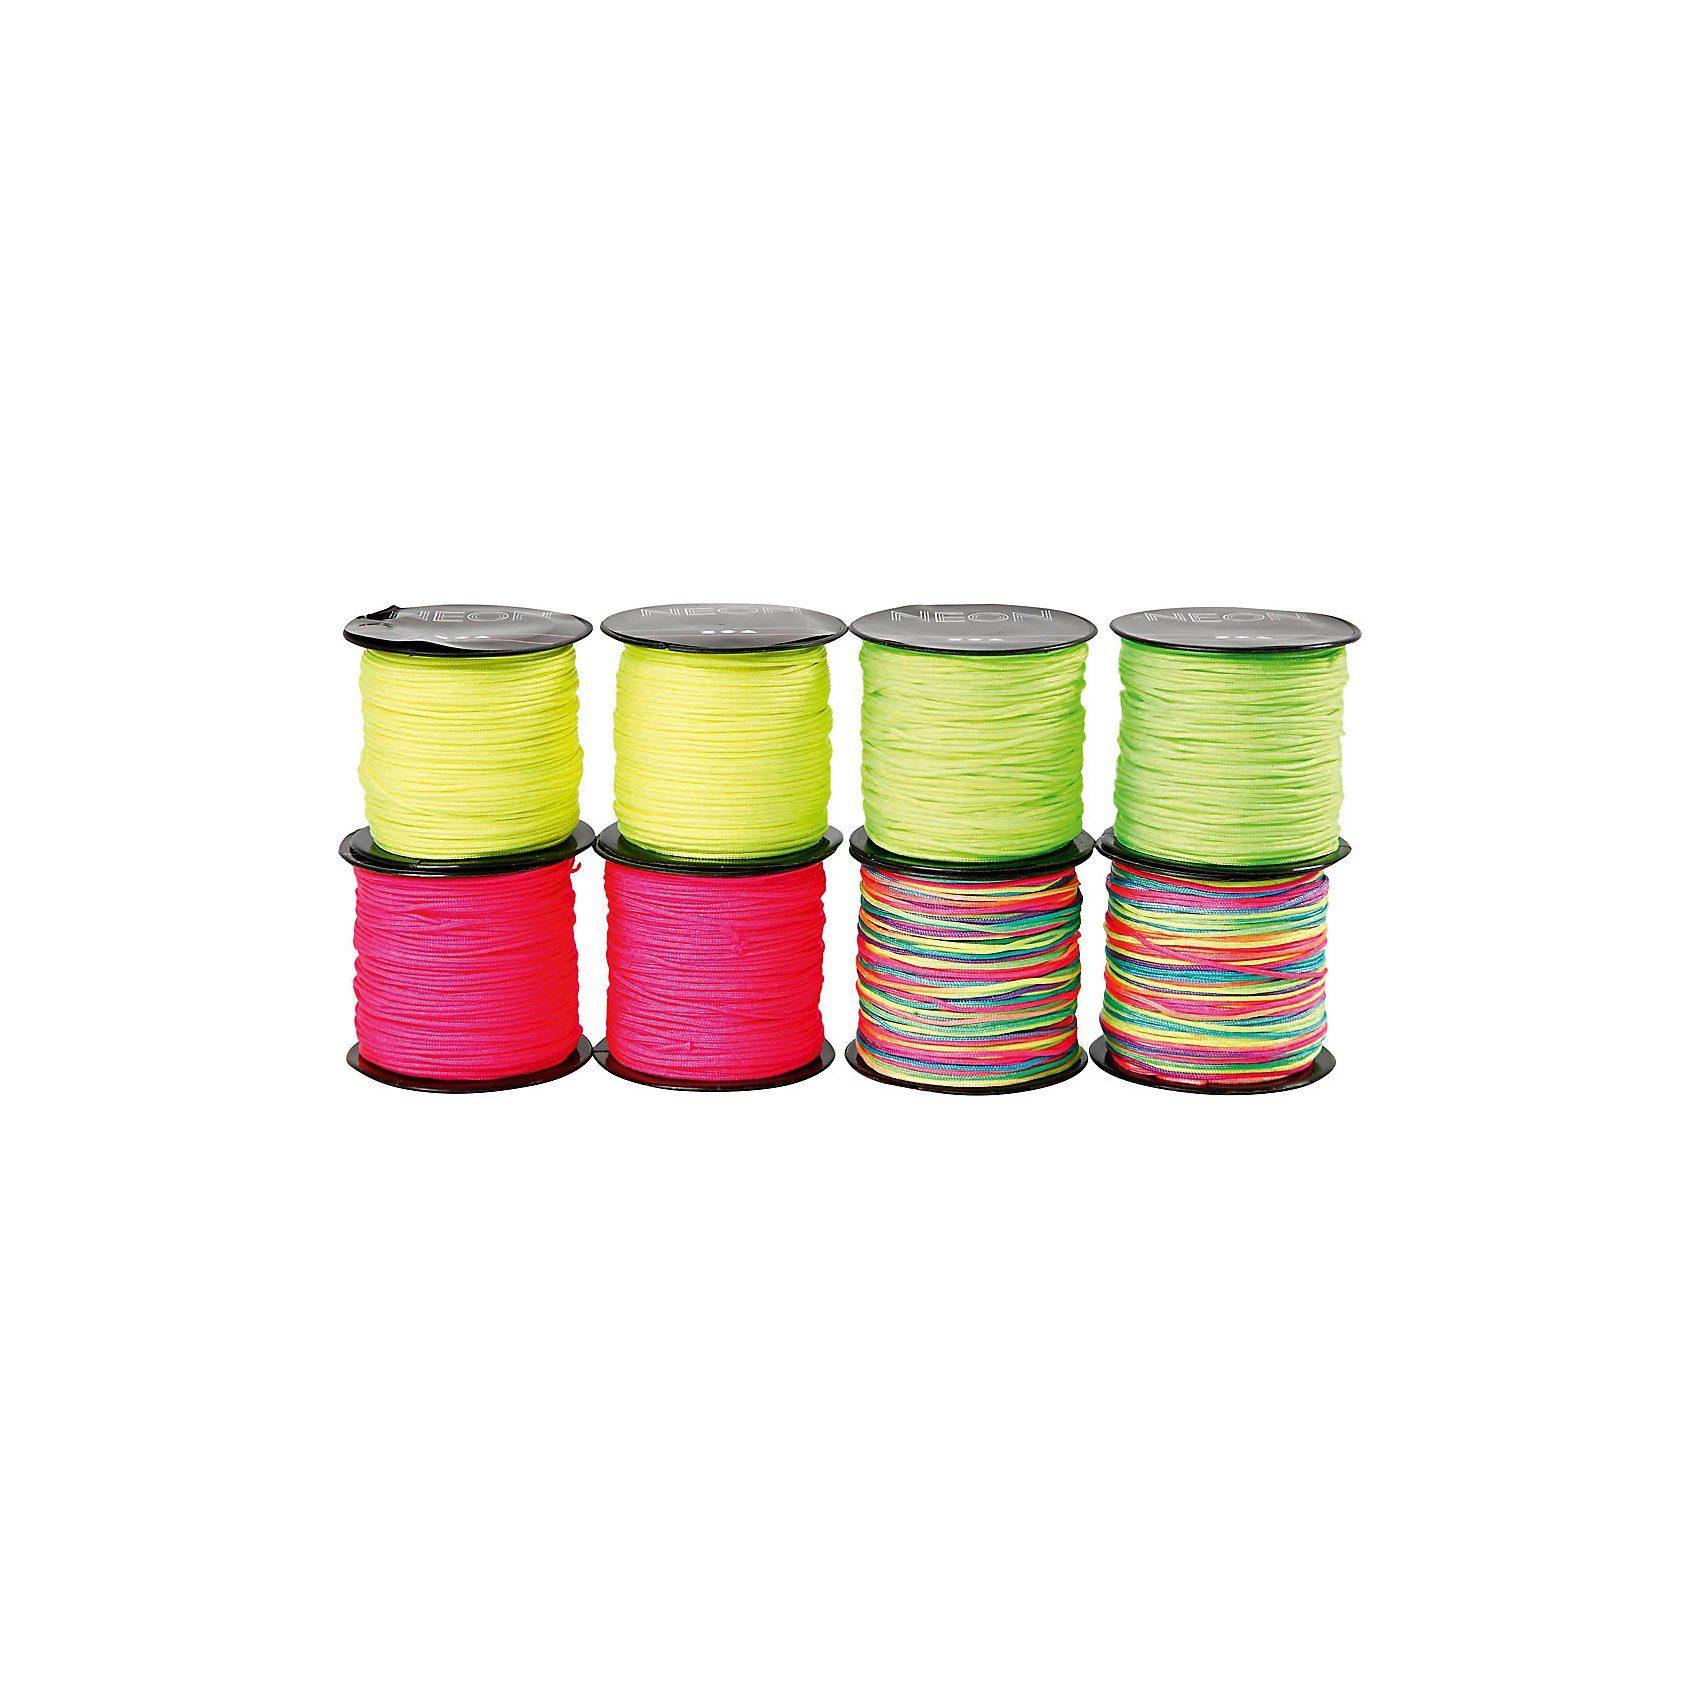 Nylonkordel - Sortiment, Stärke: 1 mm, 8x28 m, neonfarver